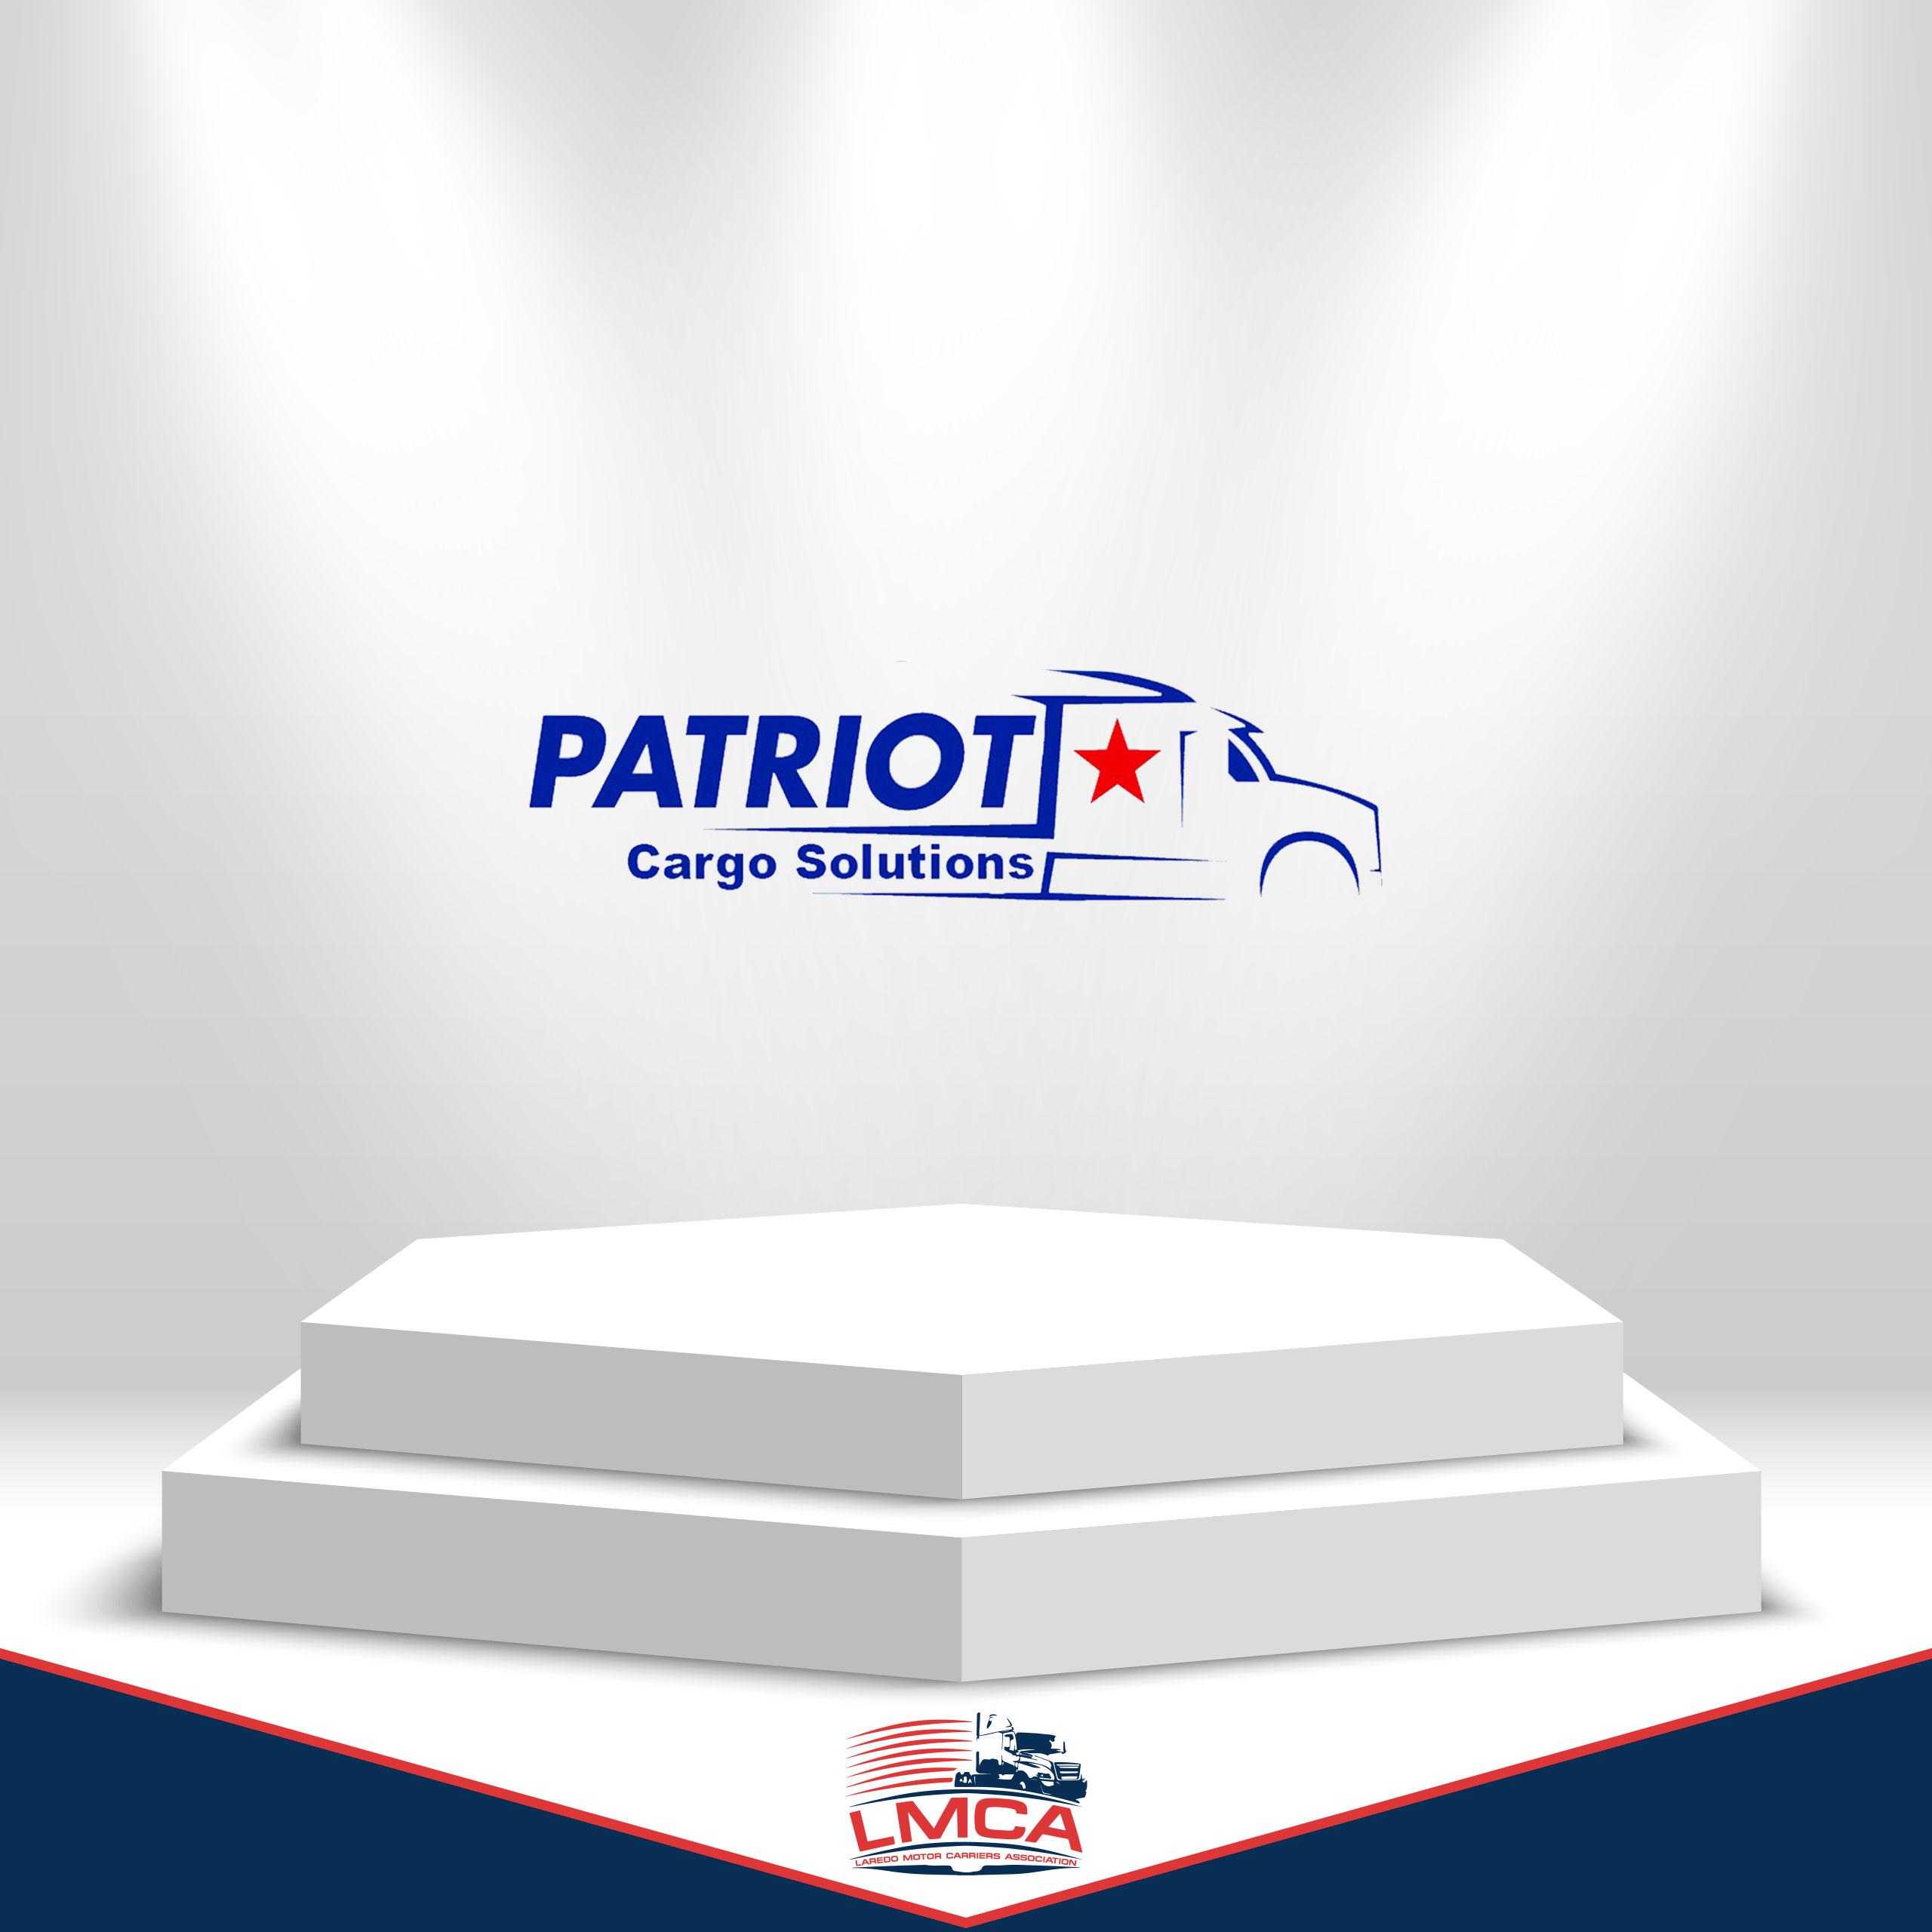 patriotcalmca